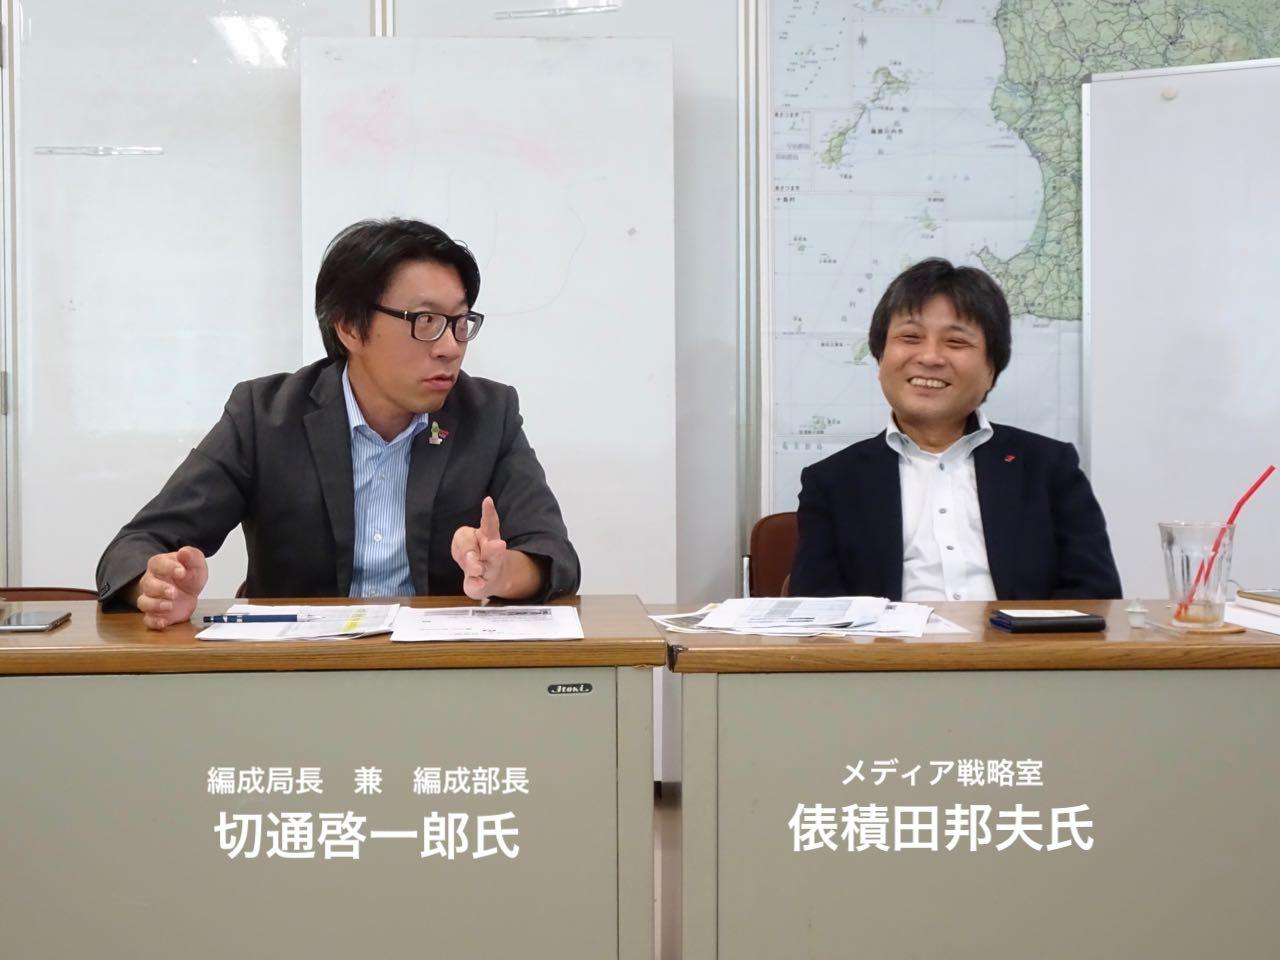 地域密着をさらに進化させる。MBC南日本放送の意欲的取り組み